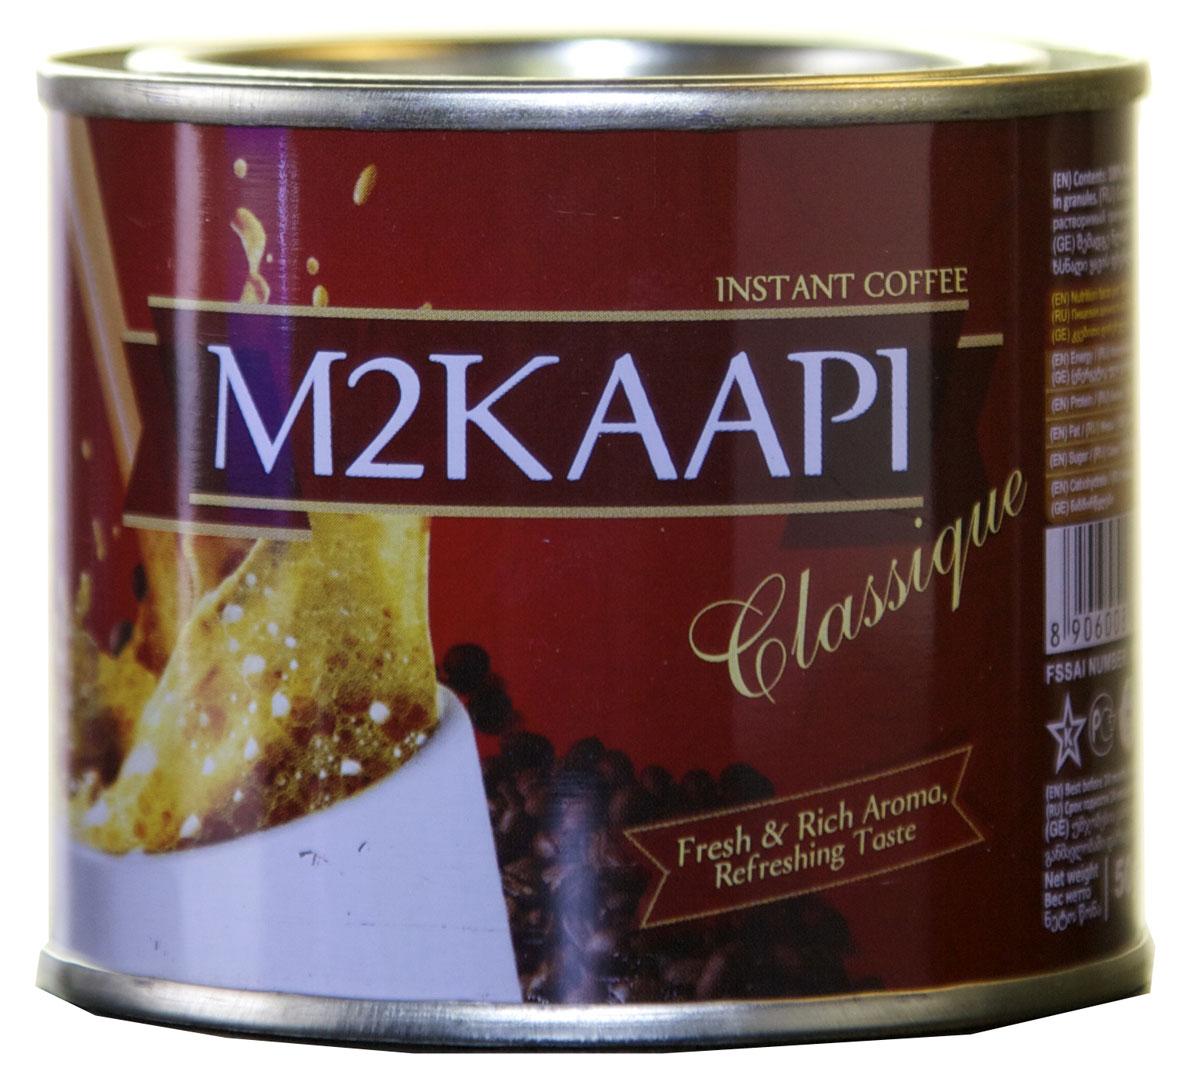 M2Kaapi кофе растворимый гранулированный, 50 гУТ16100% натуральный кофе растворимый гранулированный M2Kaapi. Кофе не содержит искусственных добавок и ароматизаторов, содержит 3,77 % кофеина.